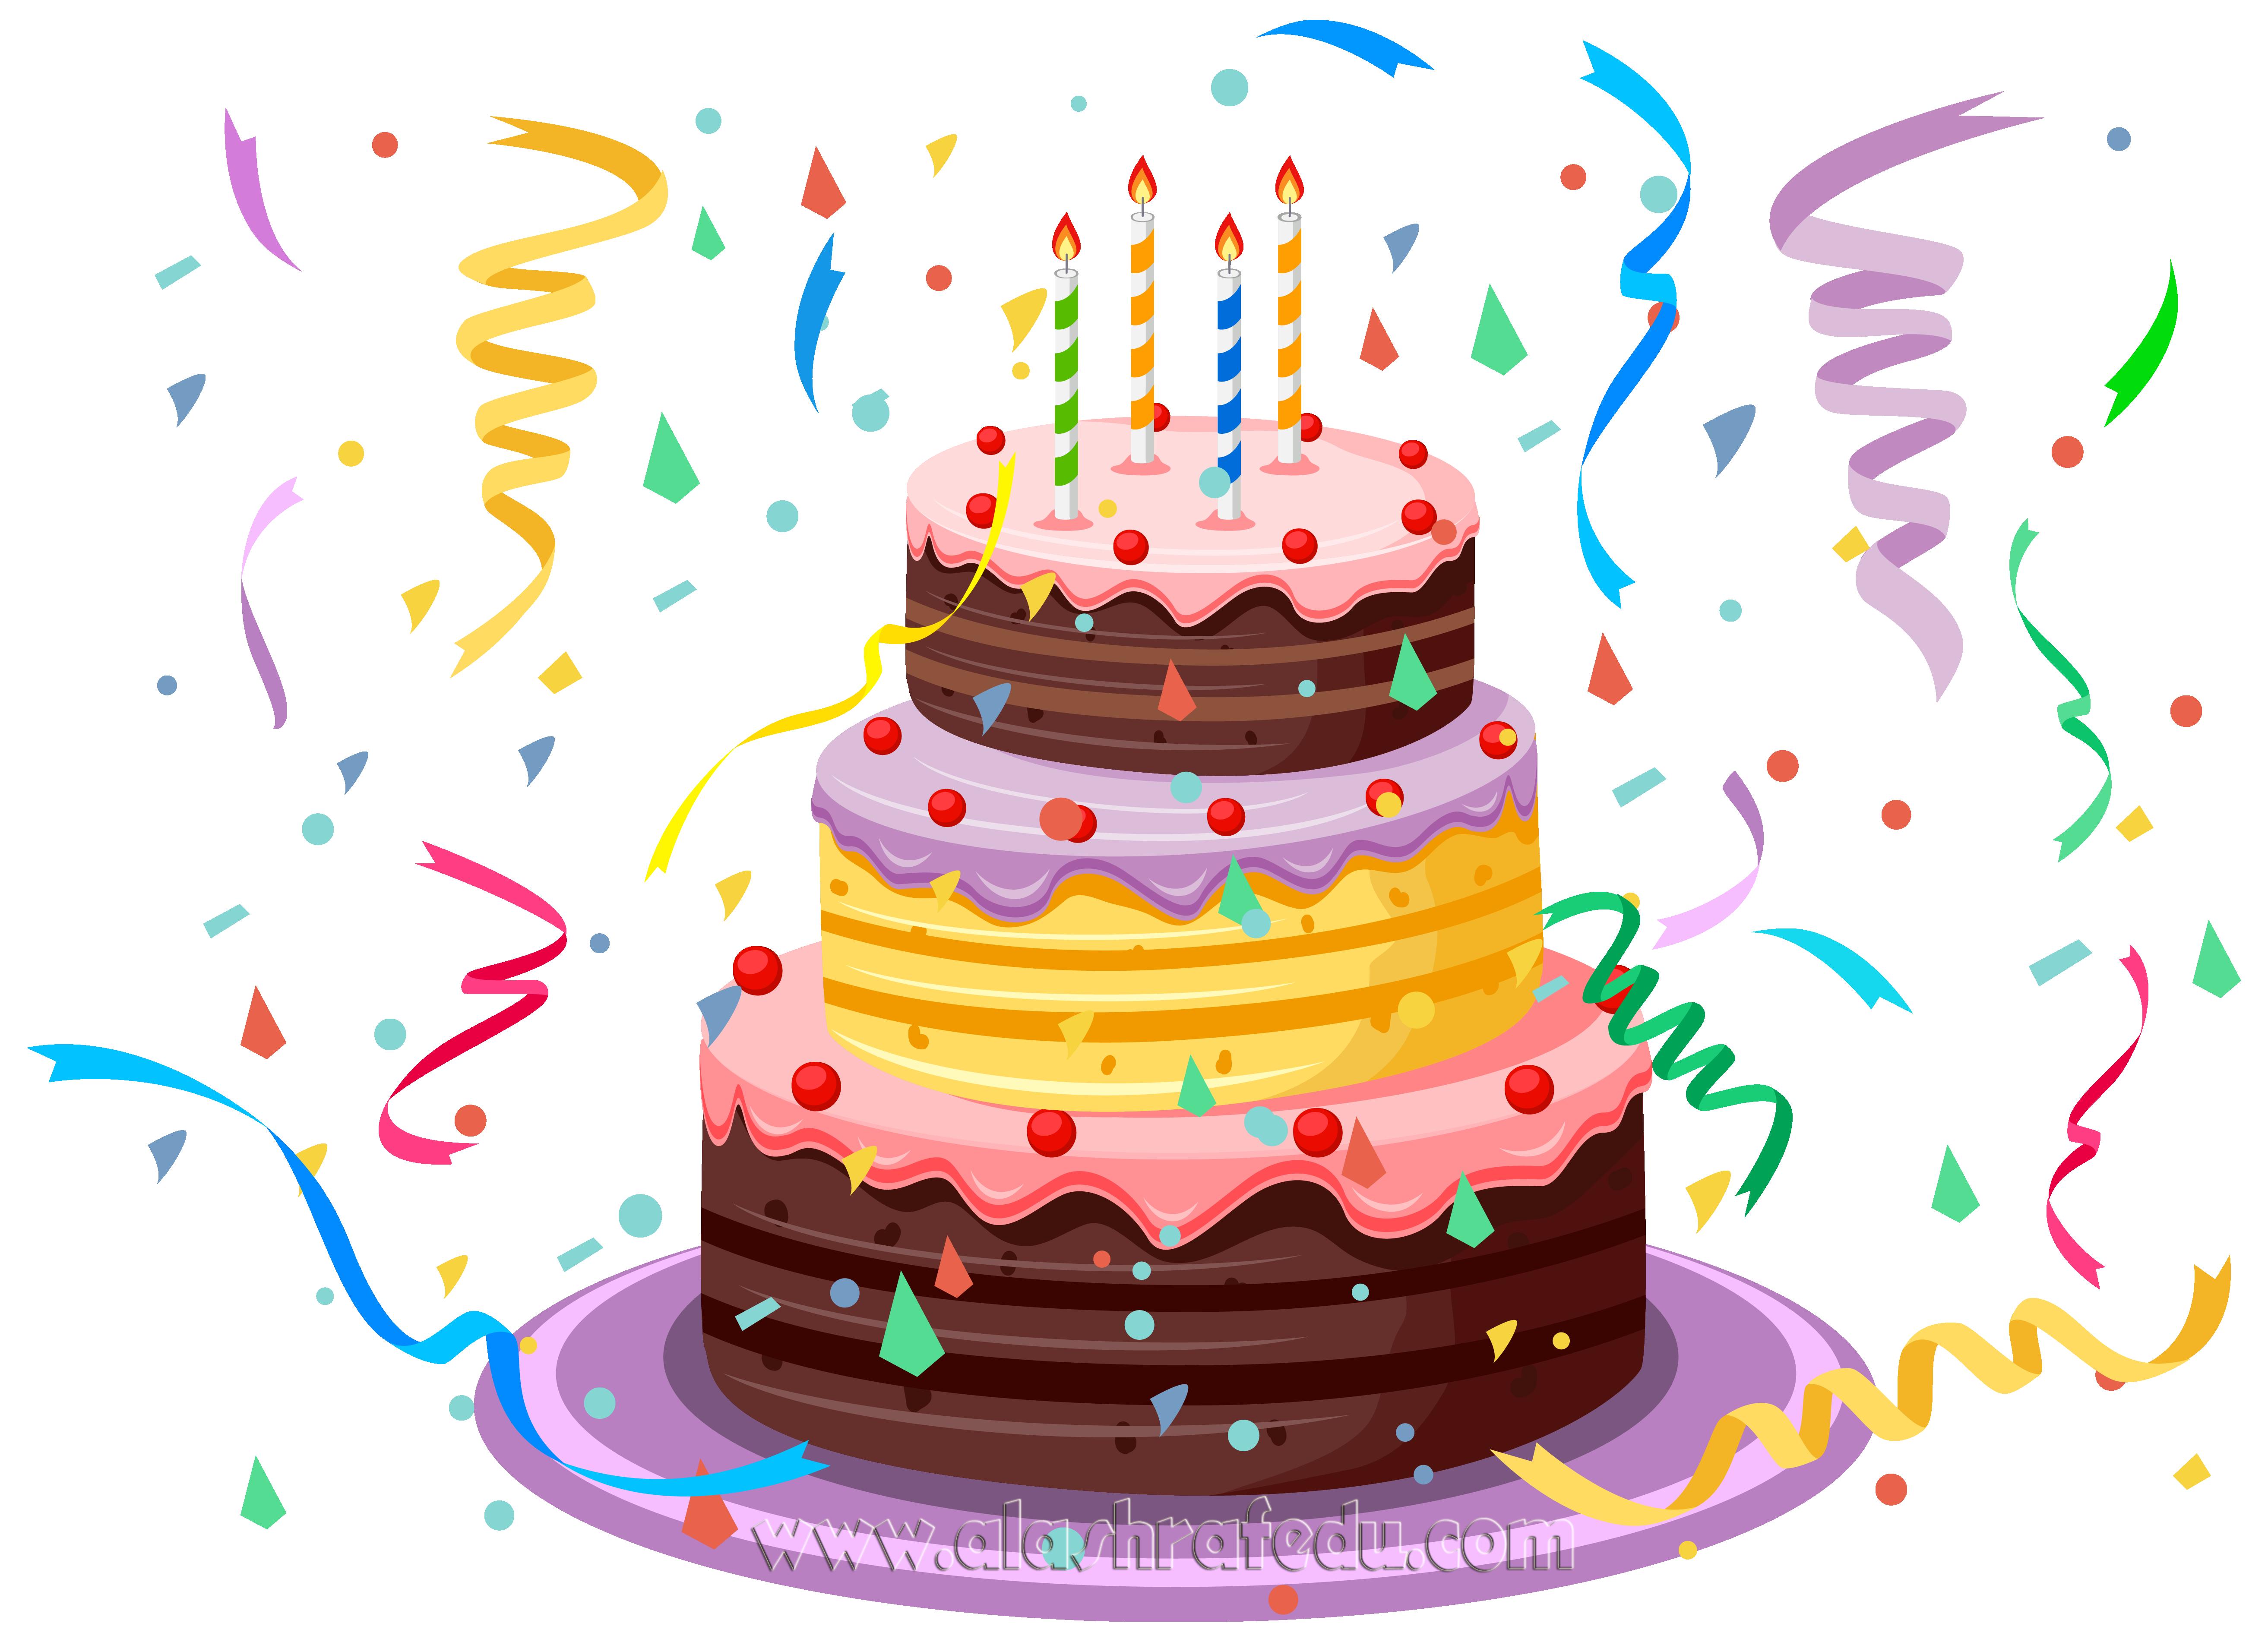 Birthday Cake With Confetti 2019 www.alashrafedu.com1